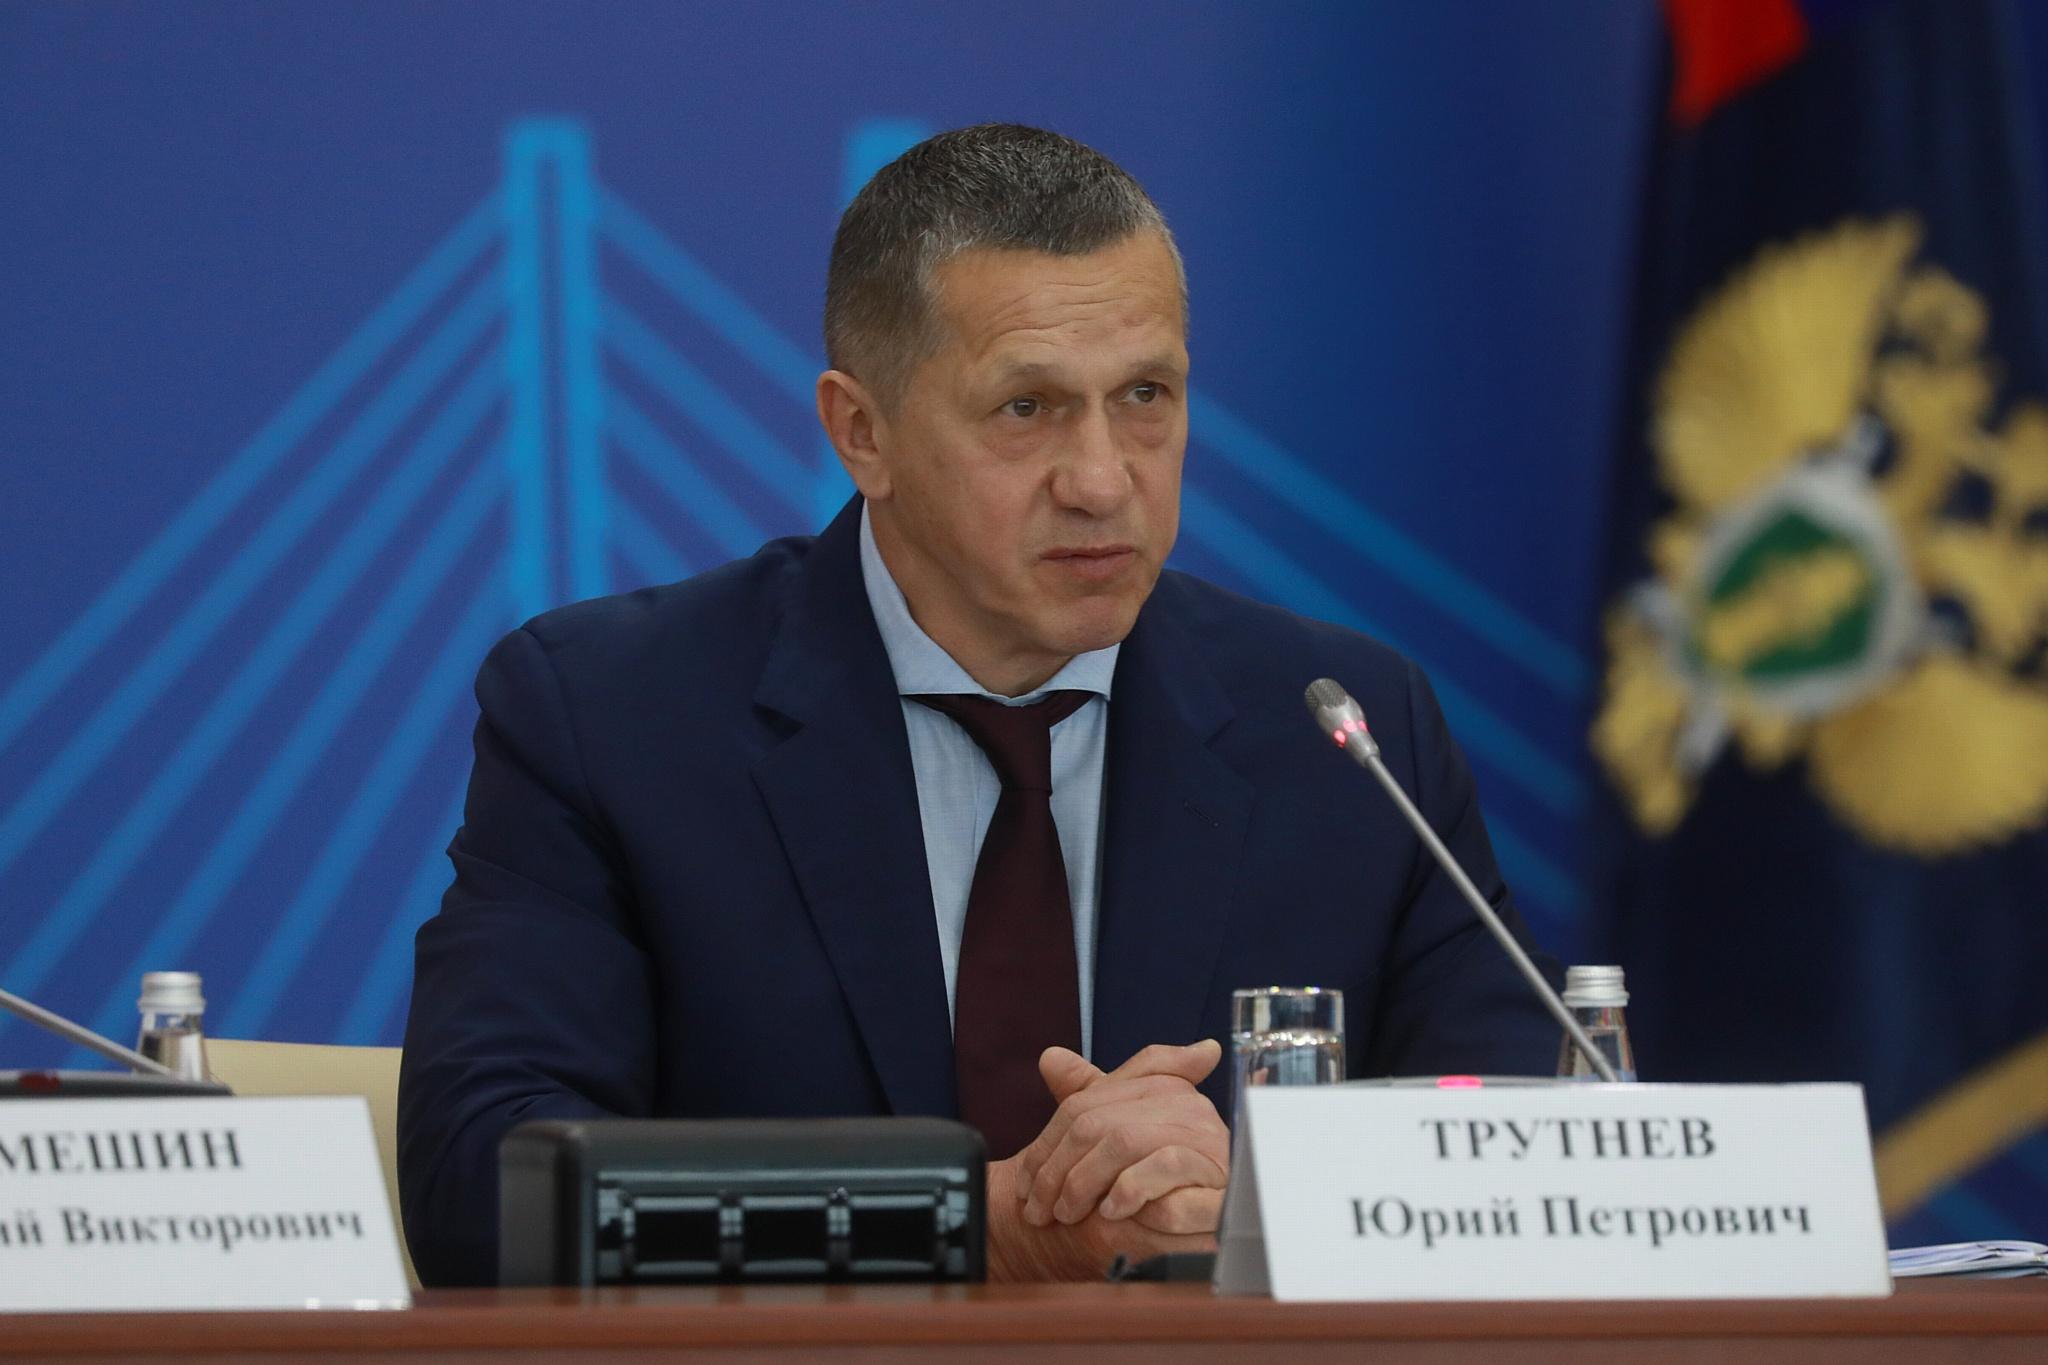 Фото: сайт полномочного представителя Президента Российской Федерации в Дальневосточном федеральном округе